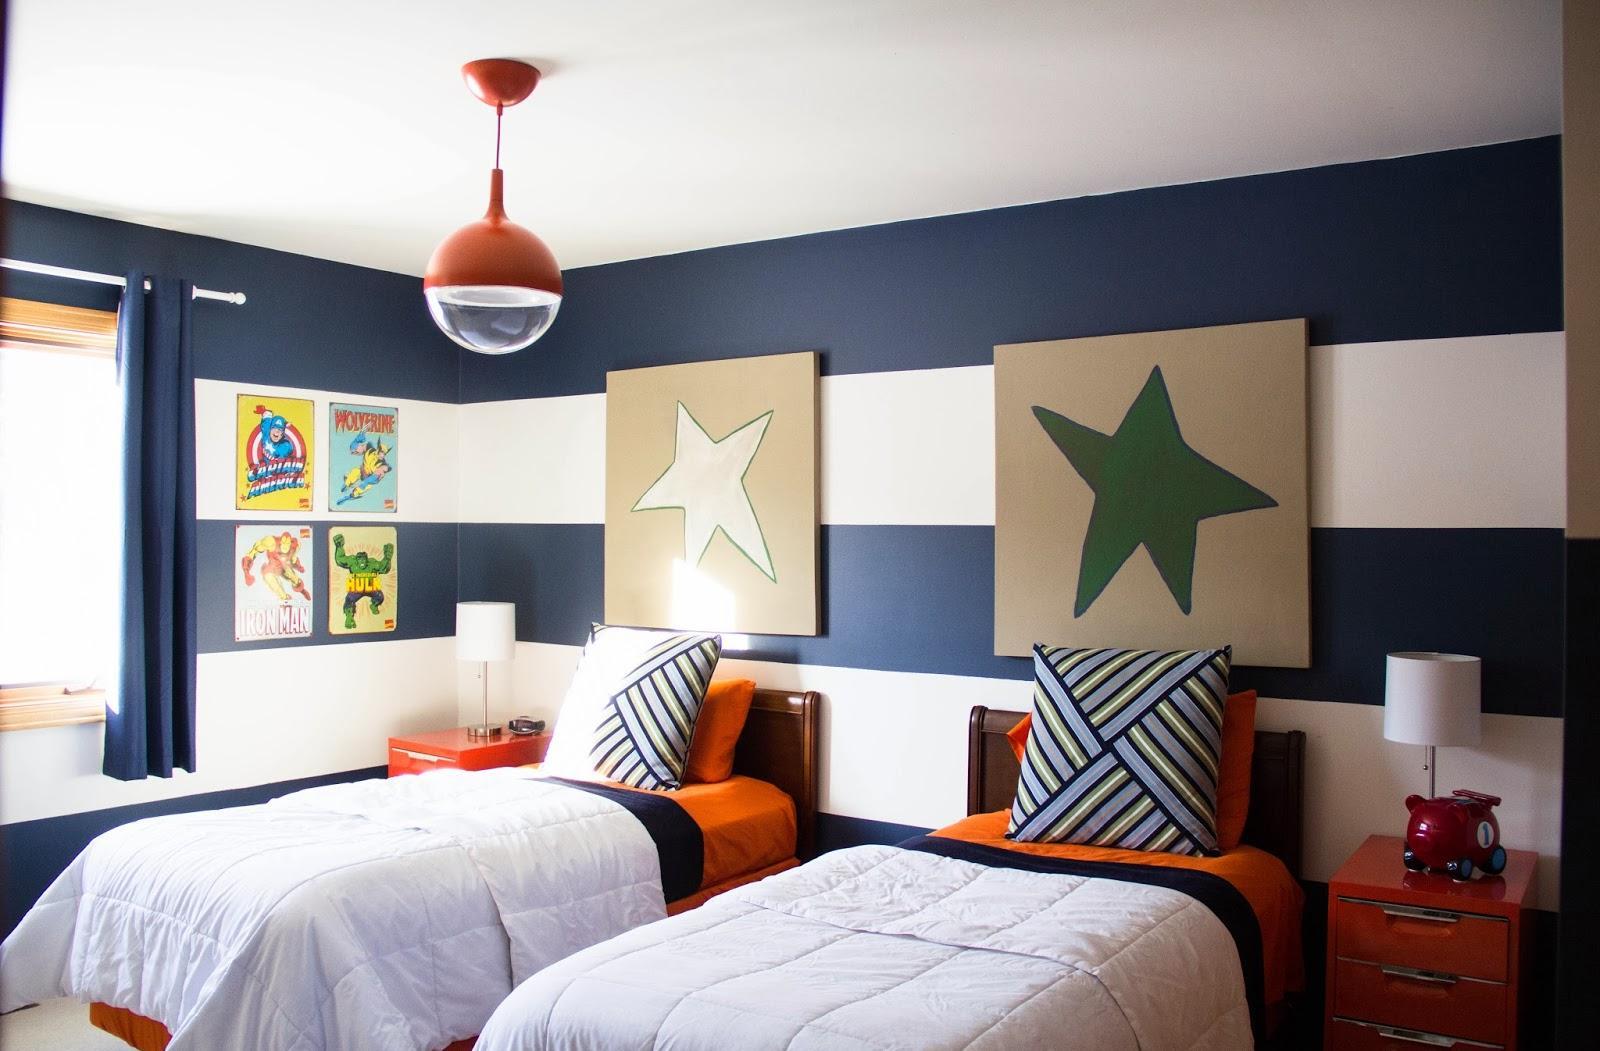 Дизайн детской комнаты для двух мальчиков в полоску